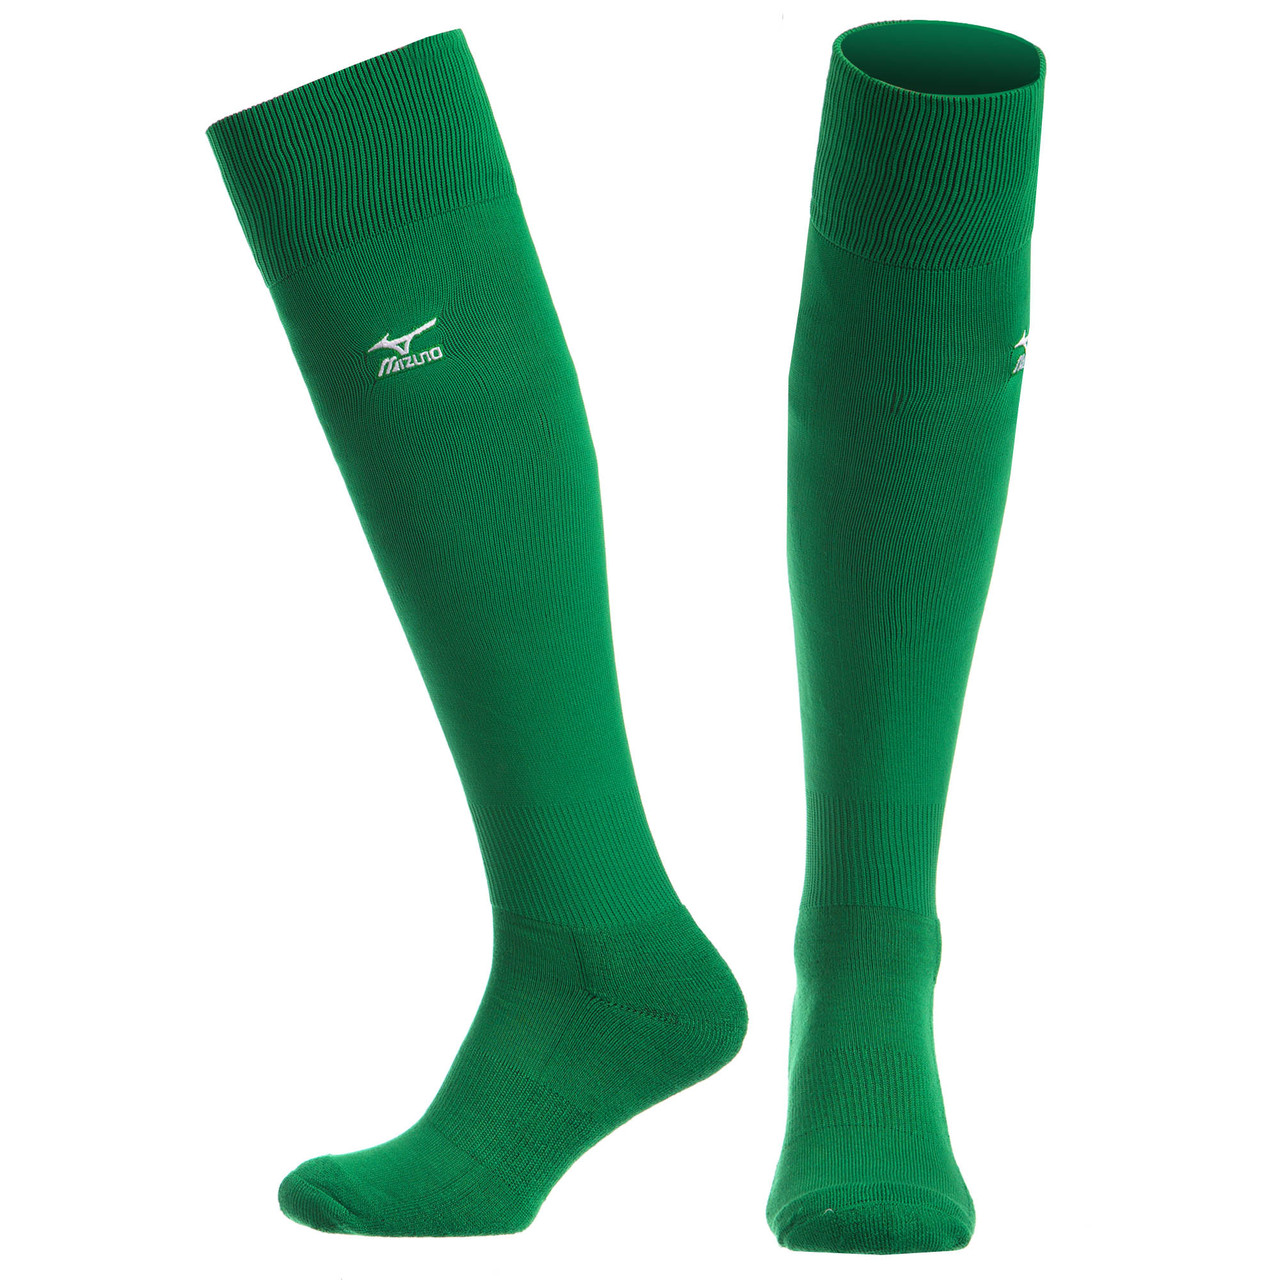 Гетры мужские для футбола р.40-45 MIZUNO 95627, Зелёный